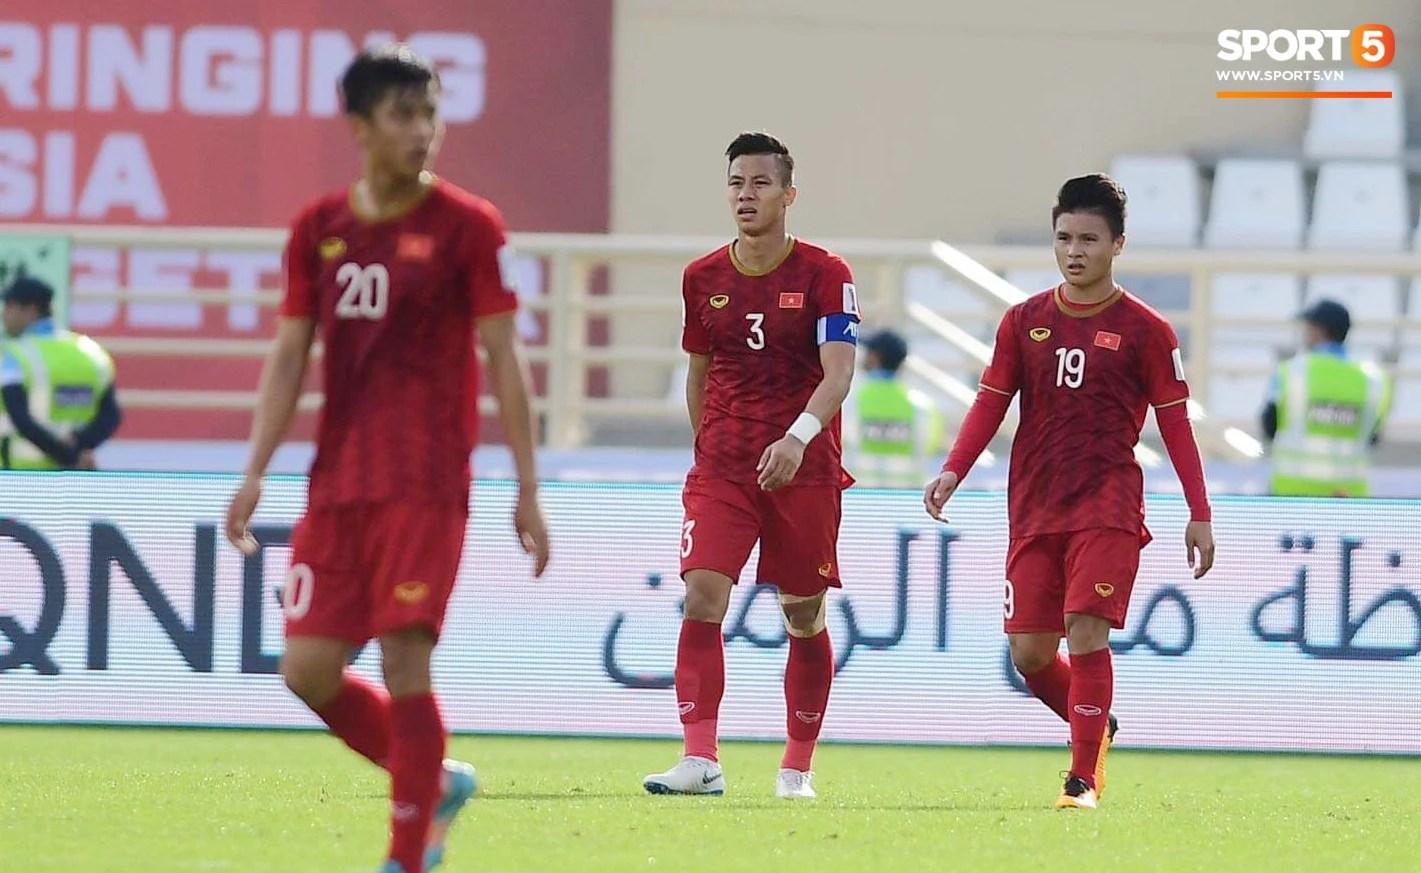 Quang Hải hét lớn, hô hào đồng đội đứng dậy sau bàn thua - Ảnh 6.